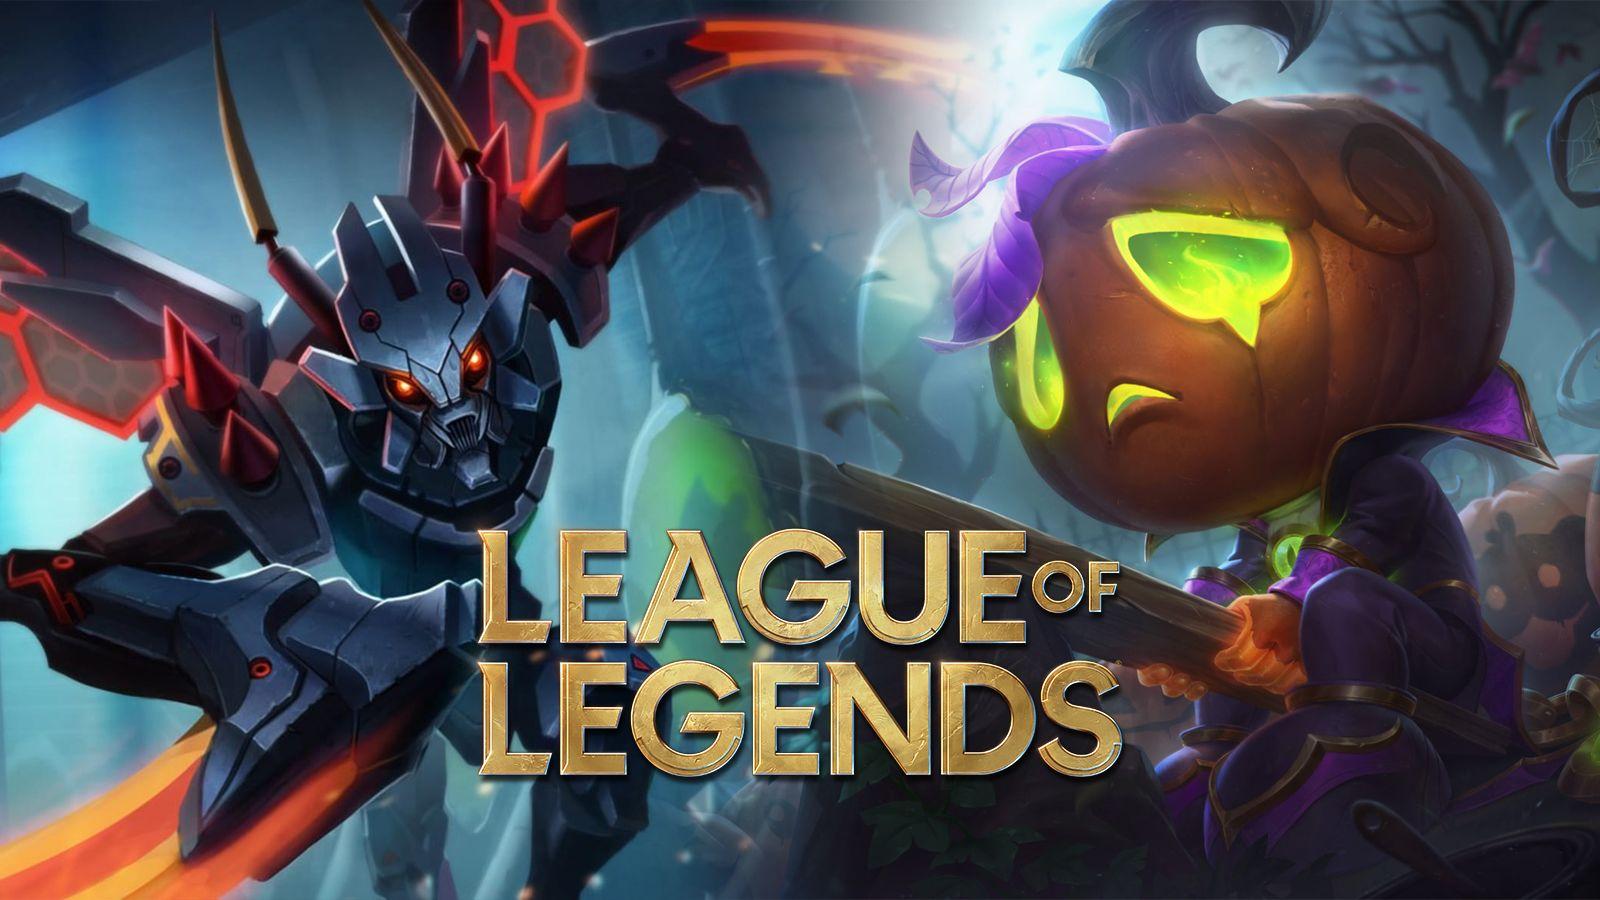 Junglas league of legends